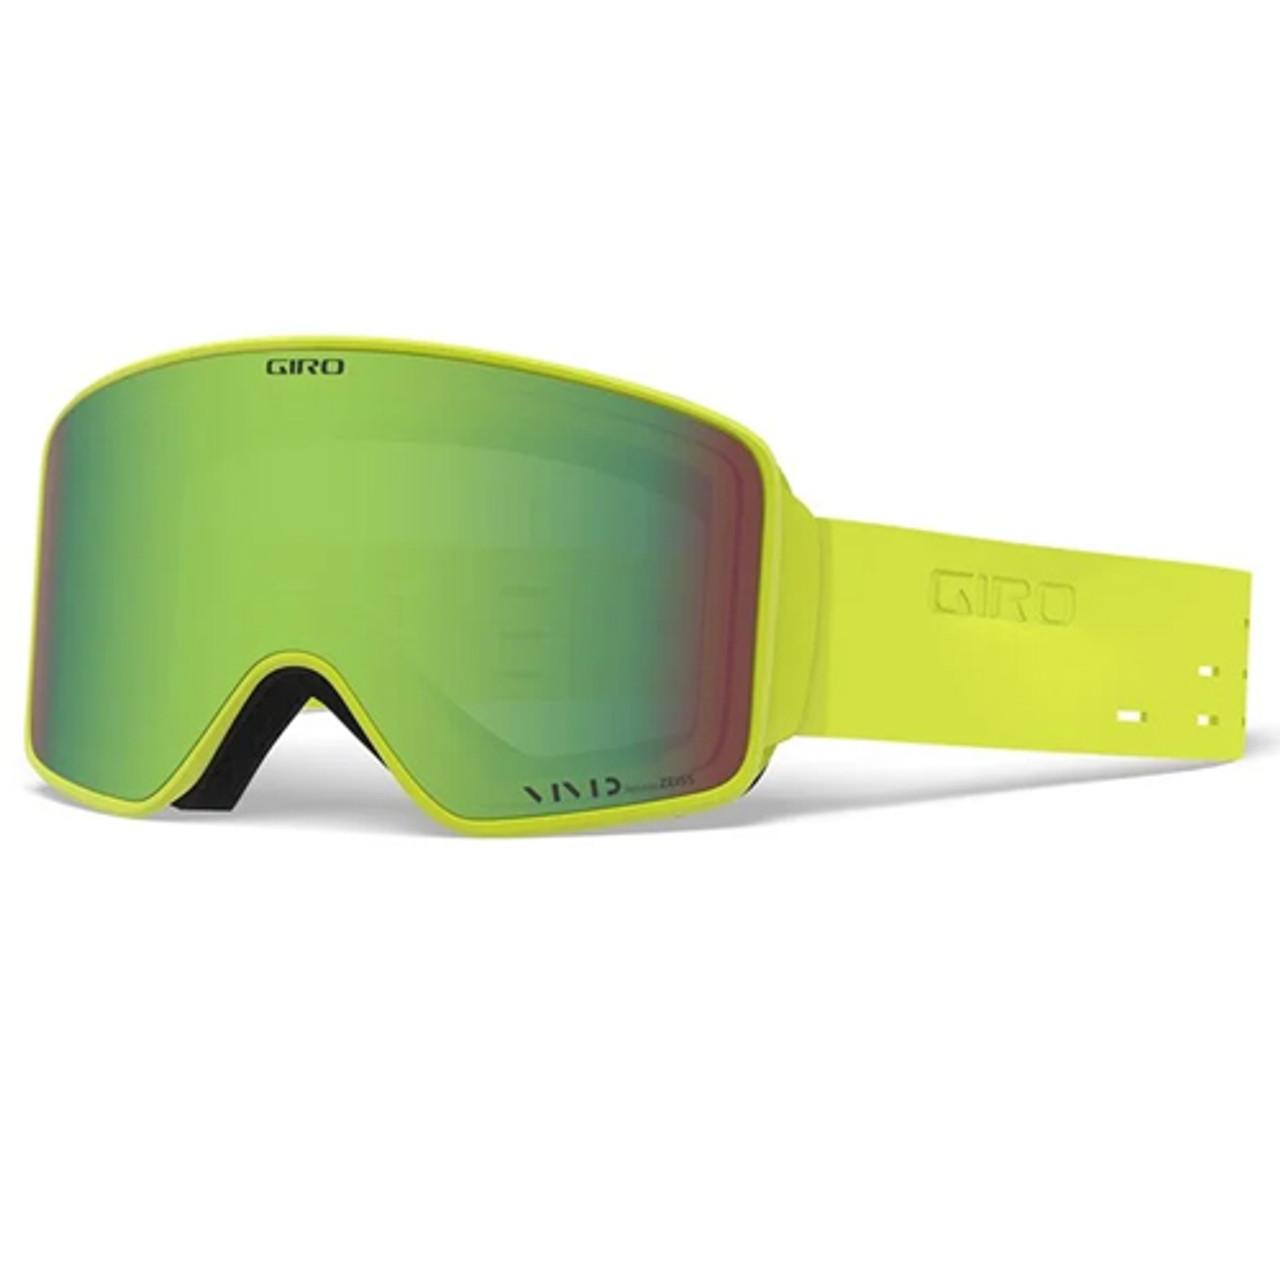 Lens for the Giro Method Ski Goggles